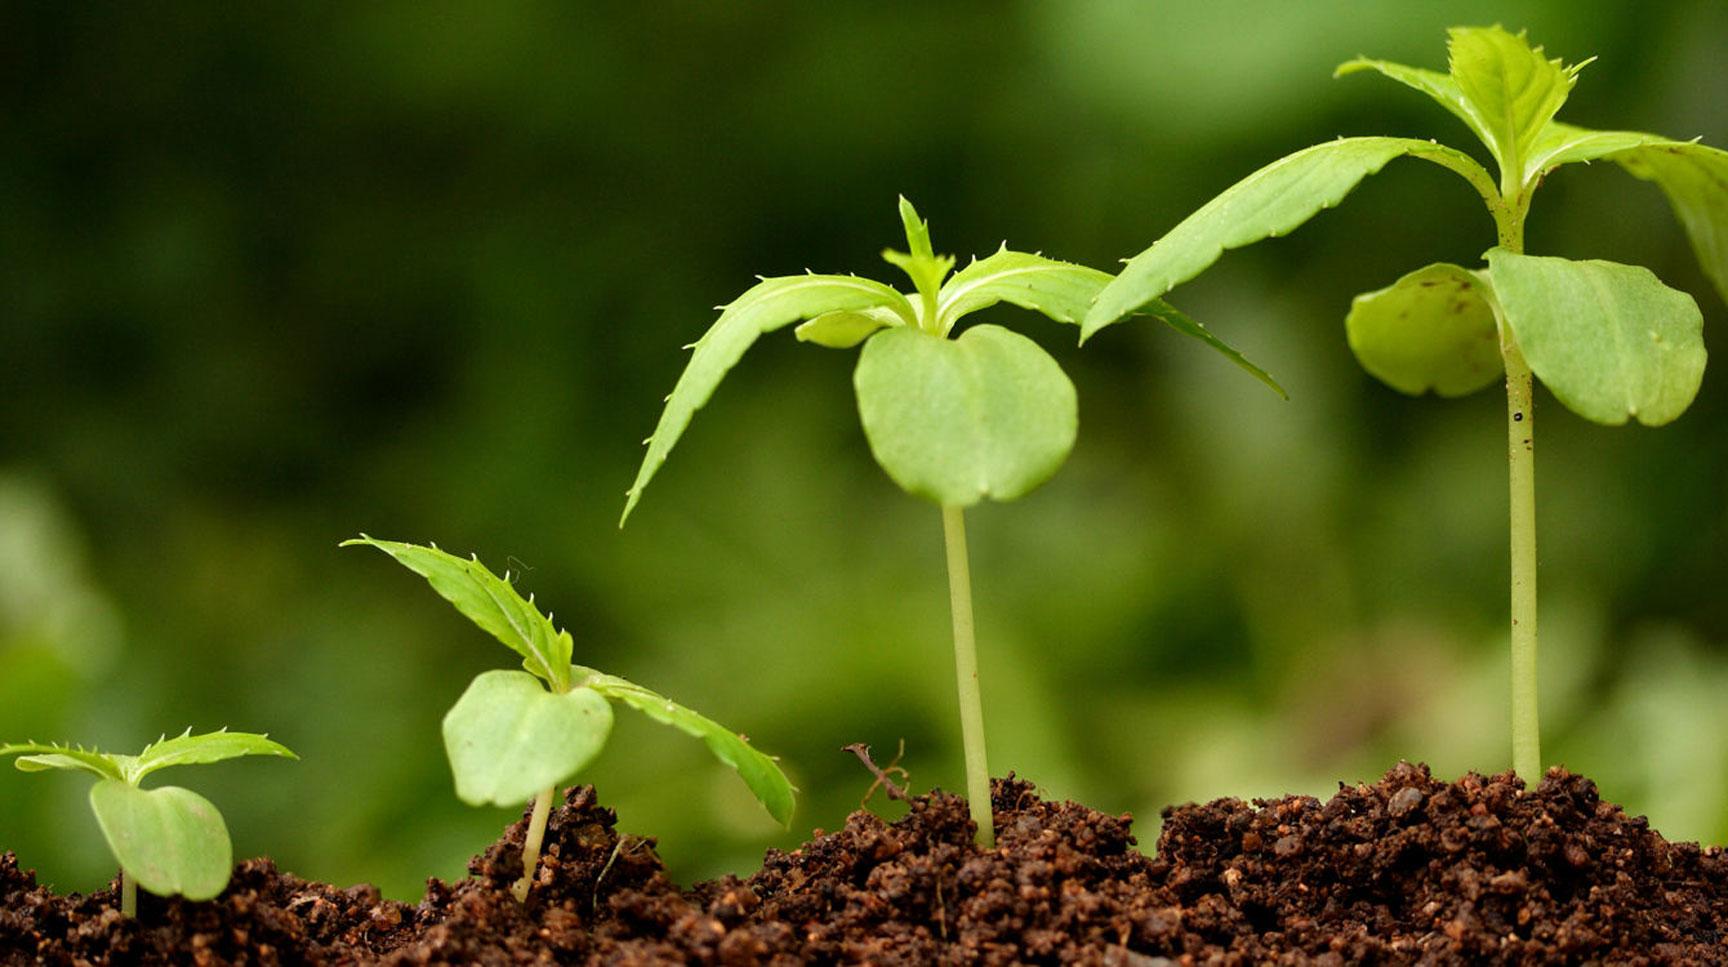 удобрения и стимуляторы роста растений